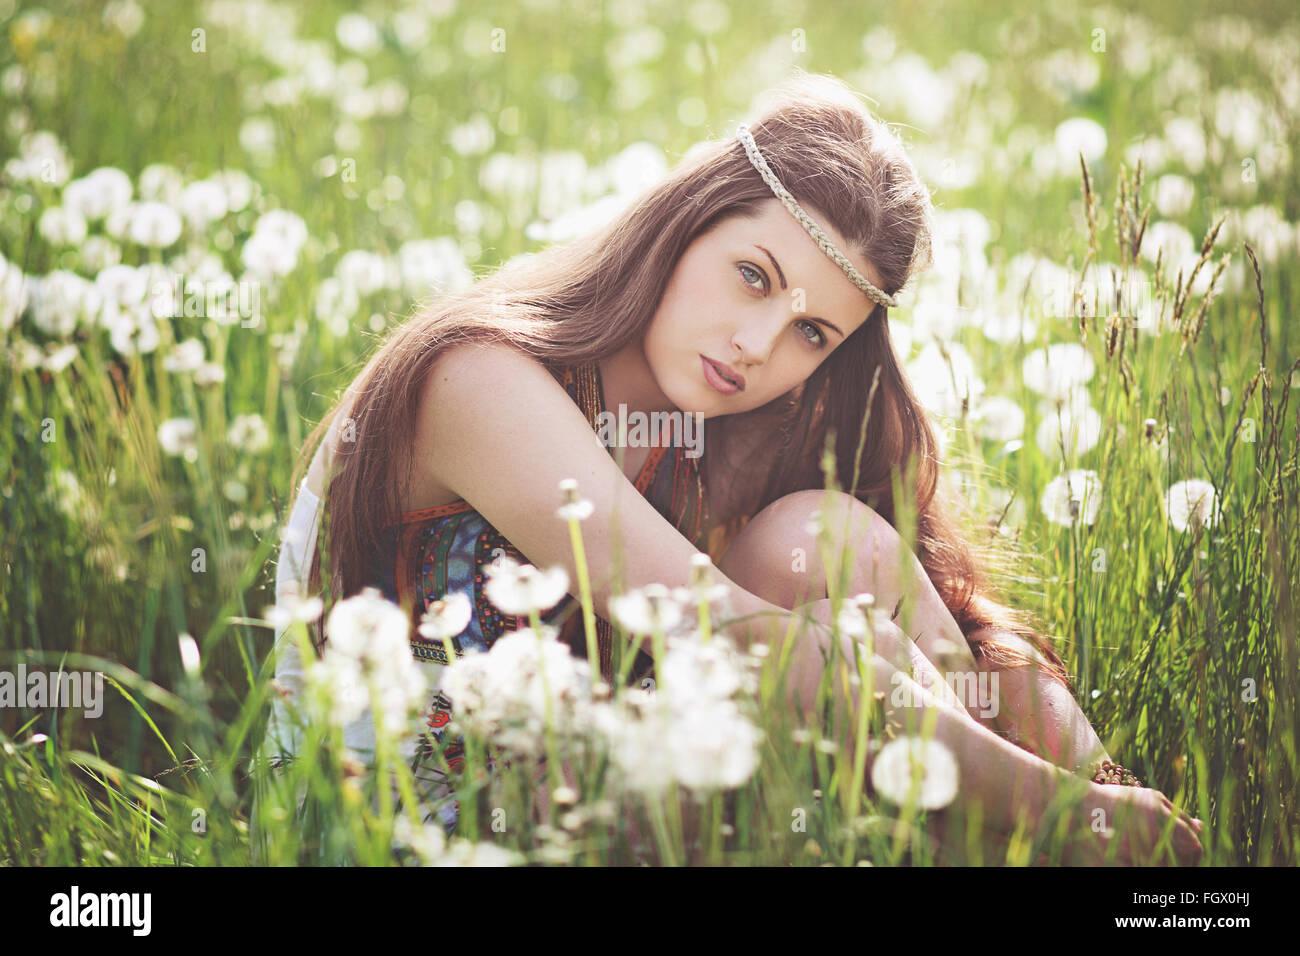 Bella ragazza libero in un prato fiorito. Ritratto di estate Immagini Stock